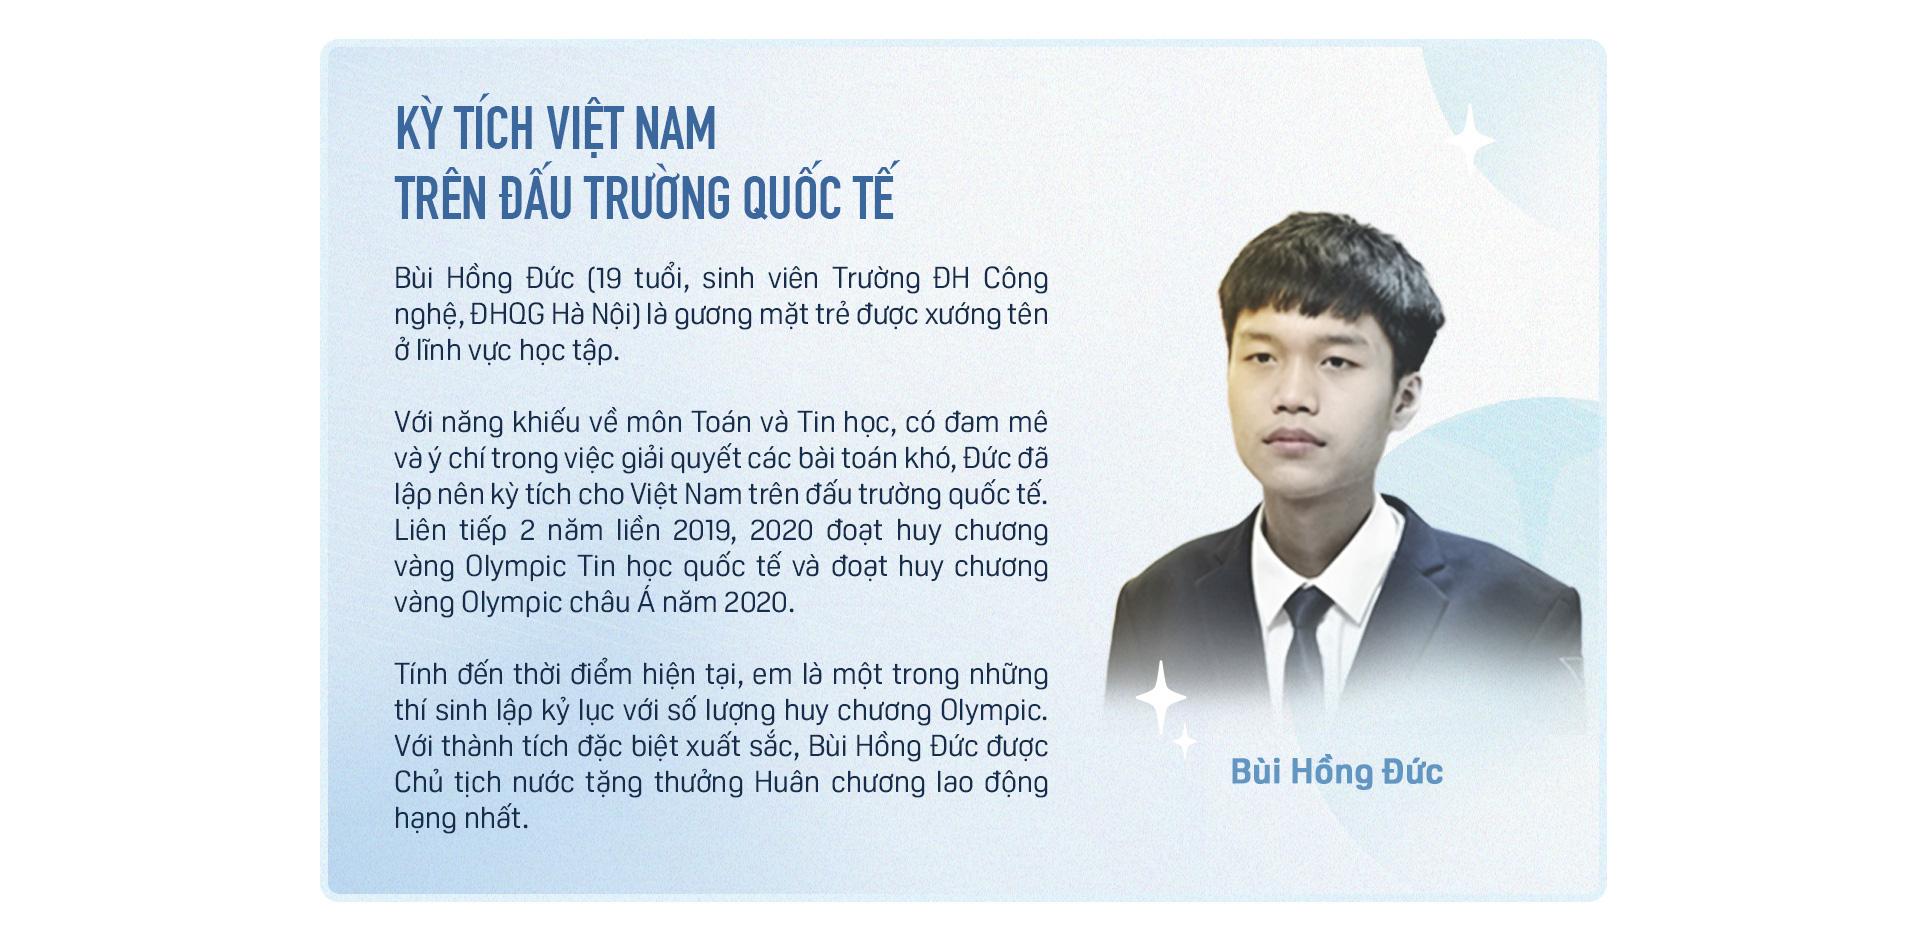 Tự hào xướng tên Việt Nam trên đấu trường quốc tế - Ảnh 16.